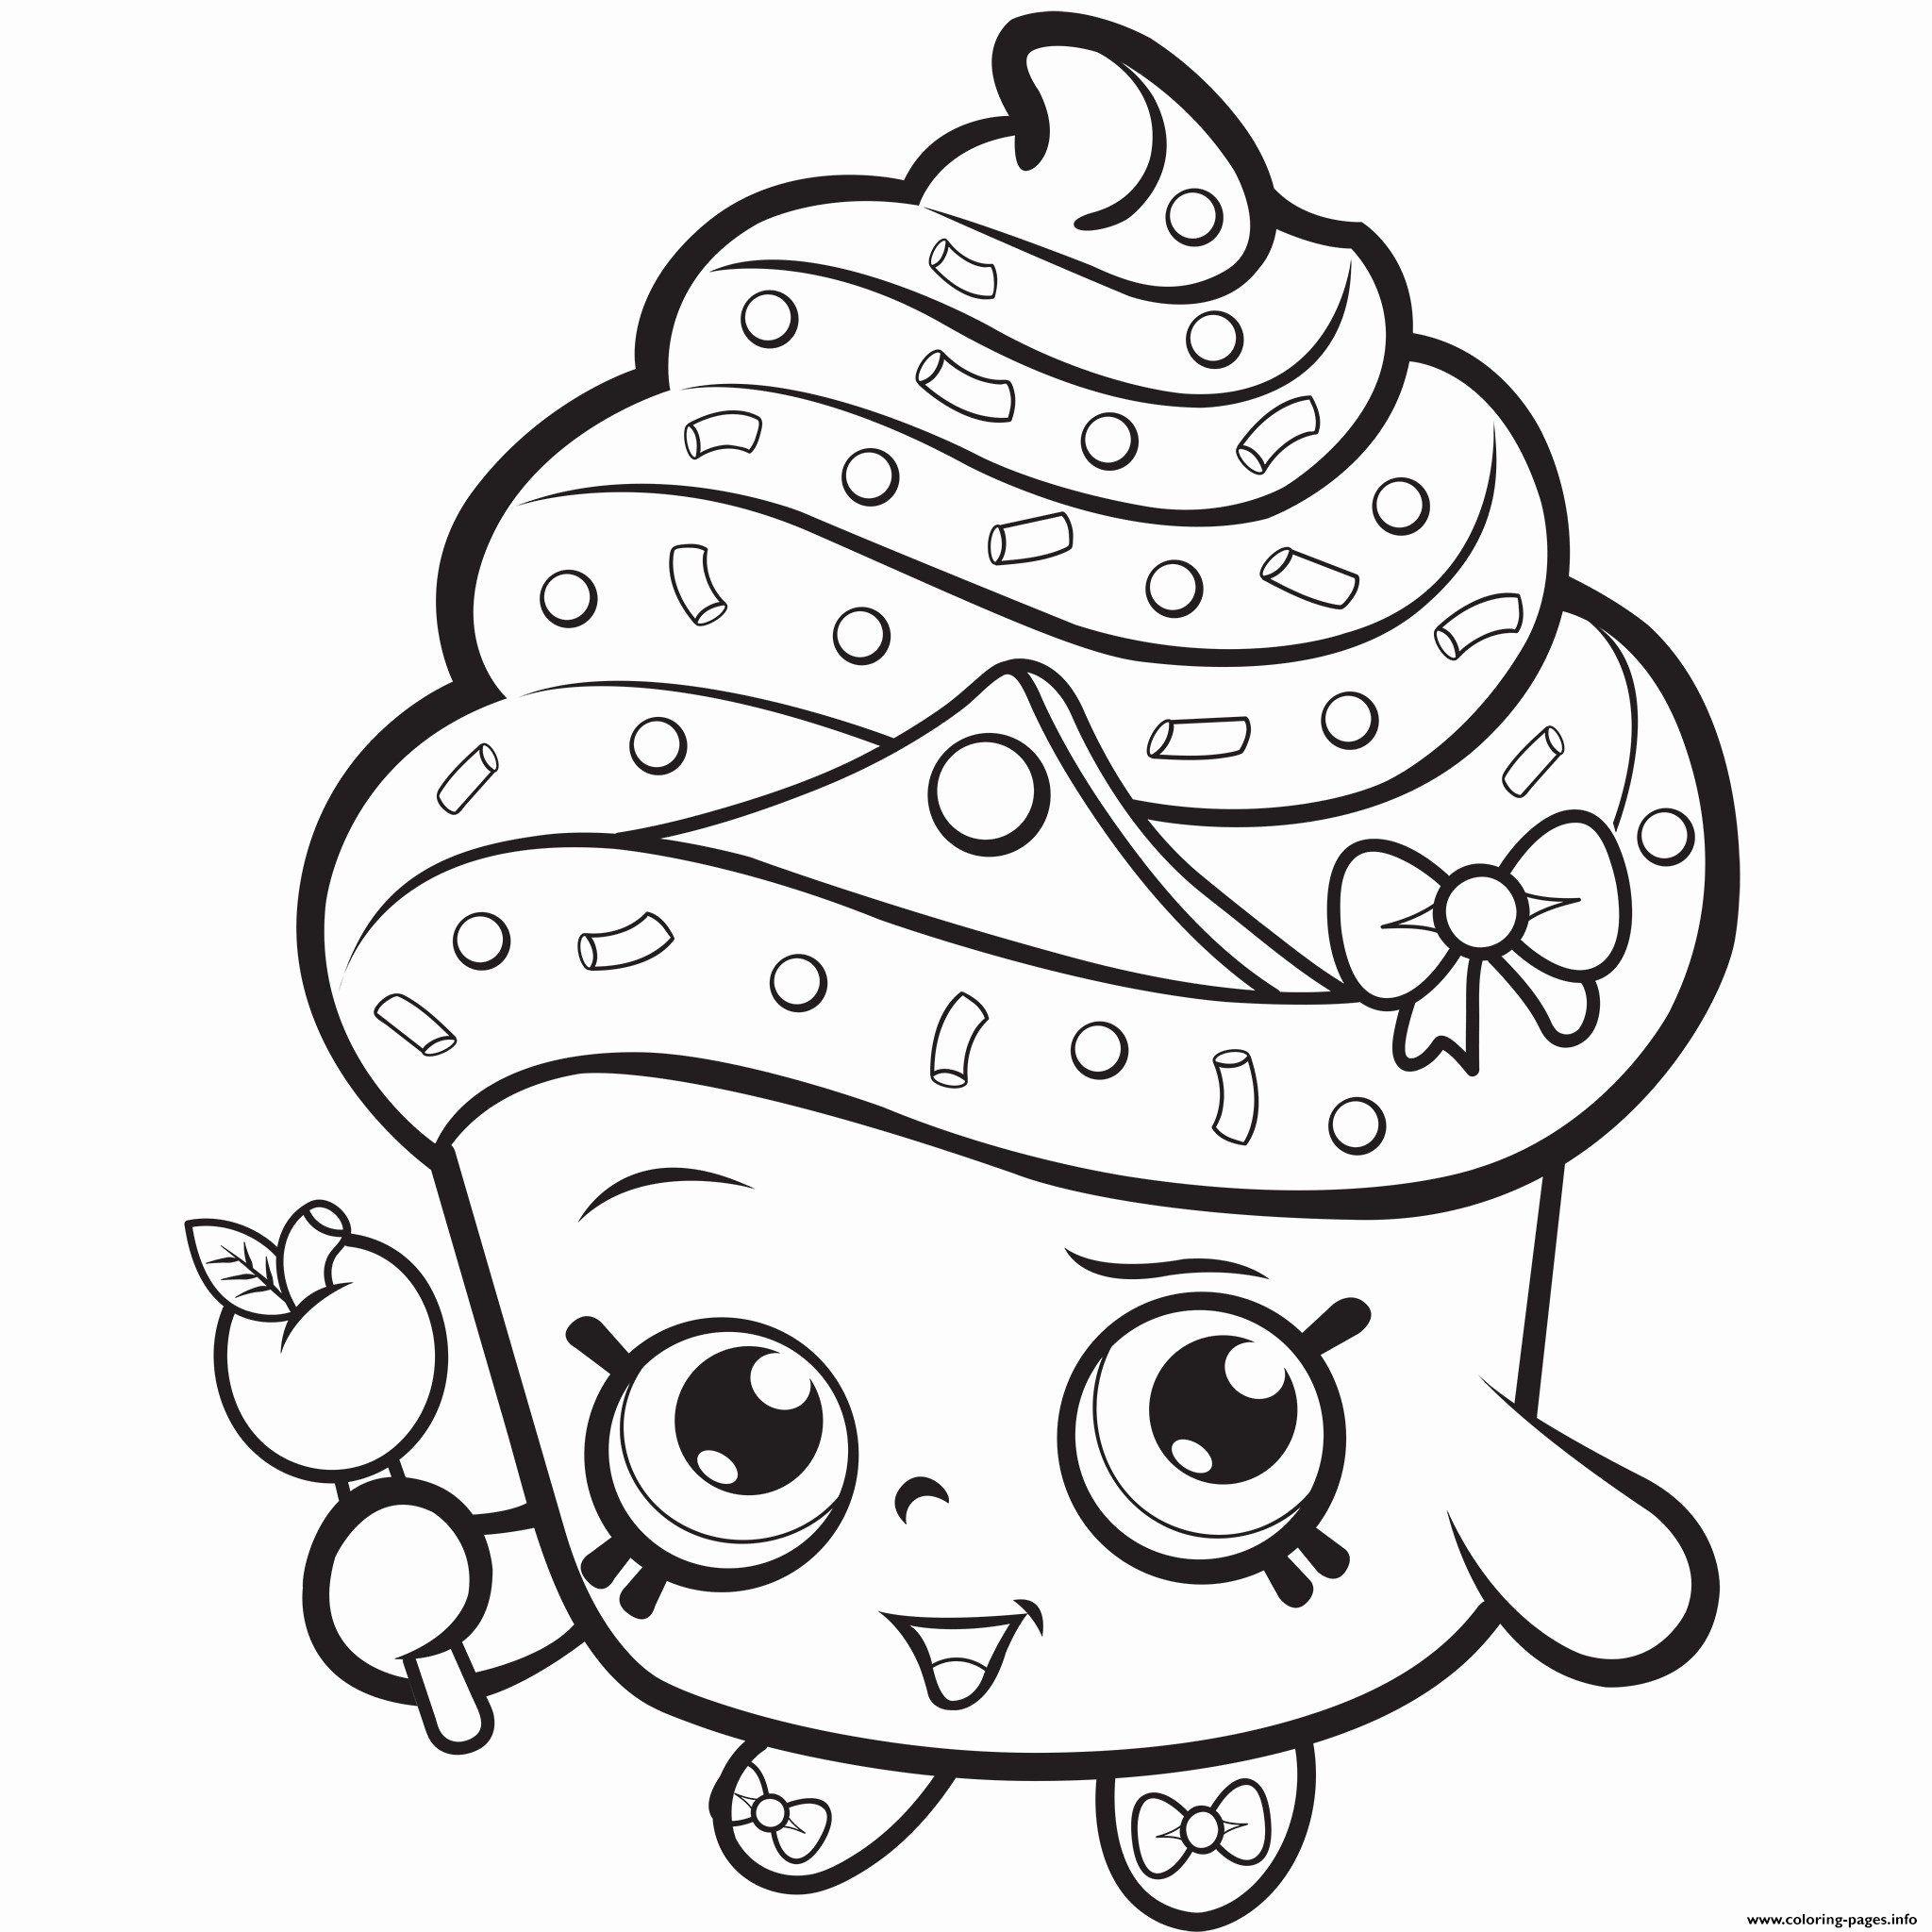 Coloring Activities For 4 Year Olds Elegant Kindergarten Coloring Printable Coloring Worksheets Easy Buku Mewarnai Ide Menggambar Warna